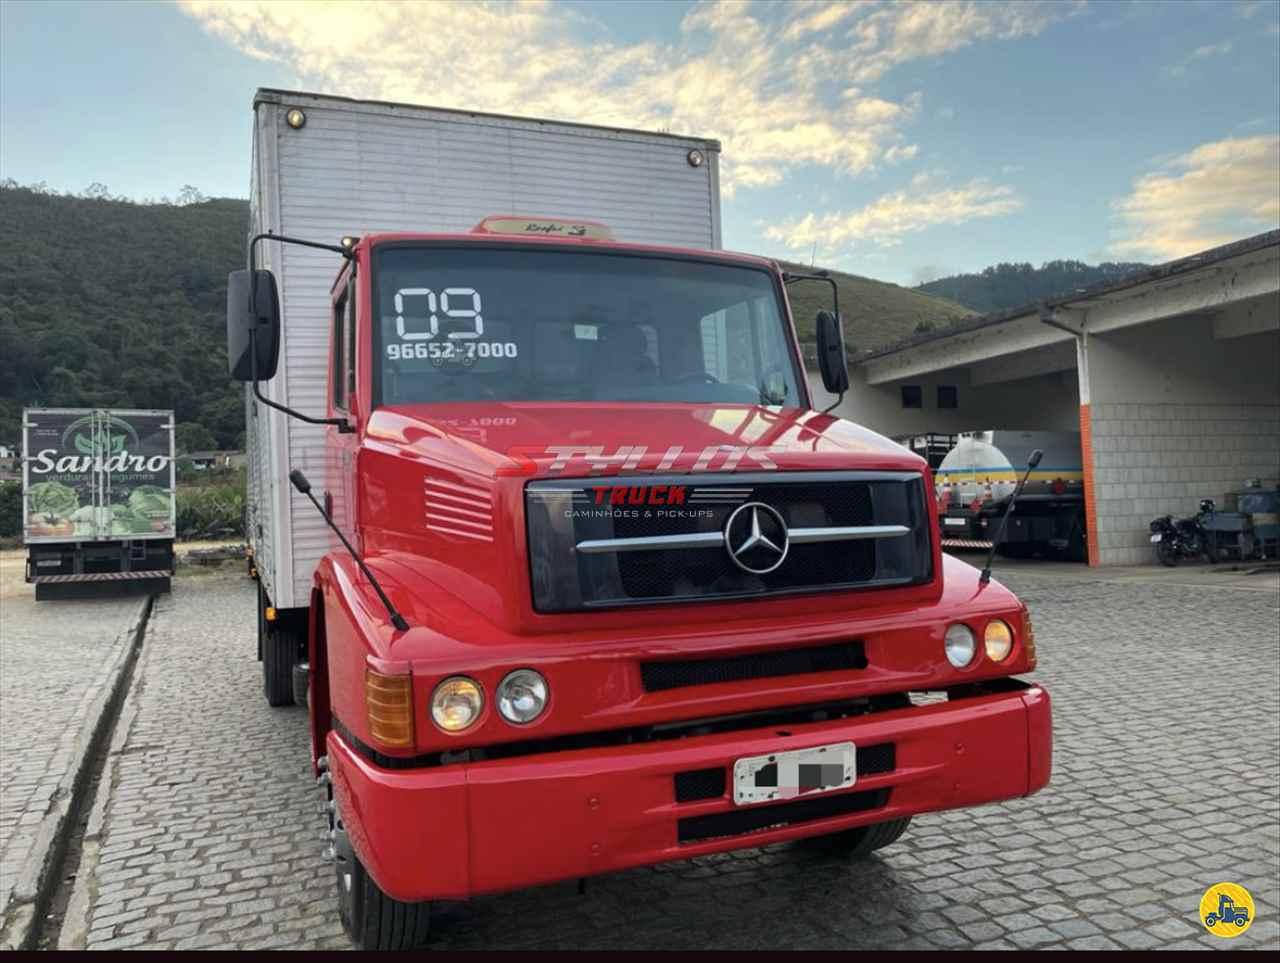 CAMINHAO MERCEDES-BENZ MB 1318 Baú Furgão Toco 4x2 Styllus Truck TERESOPOLIS RIO DE JANEIRO RJ